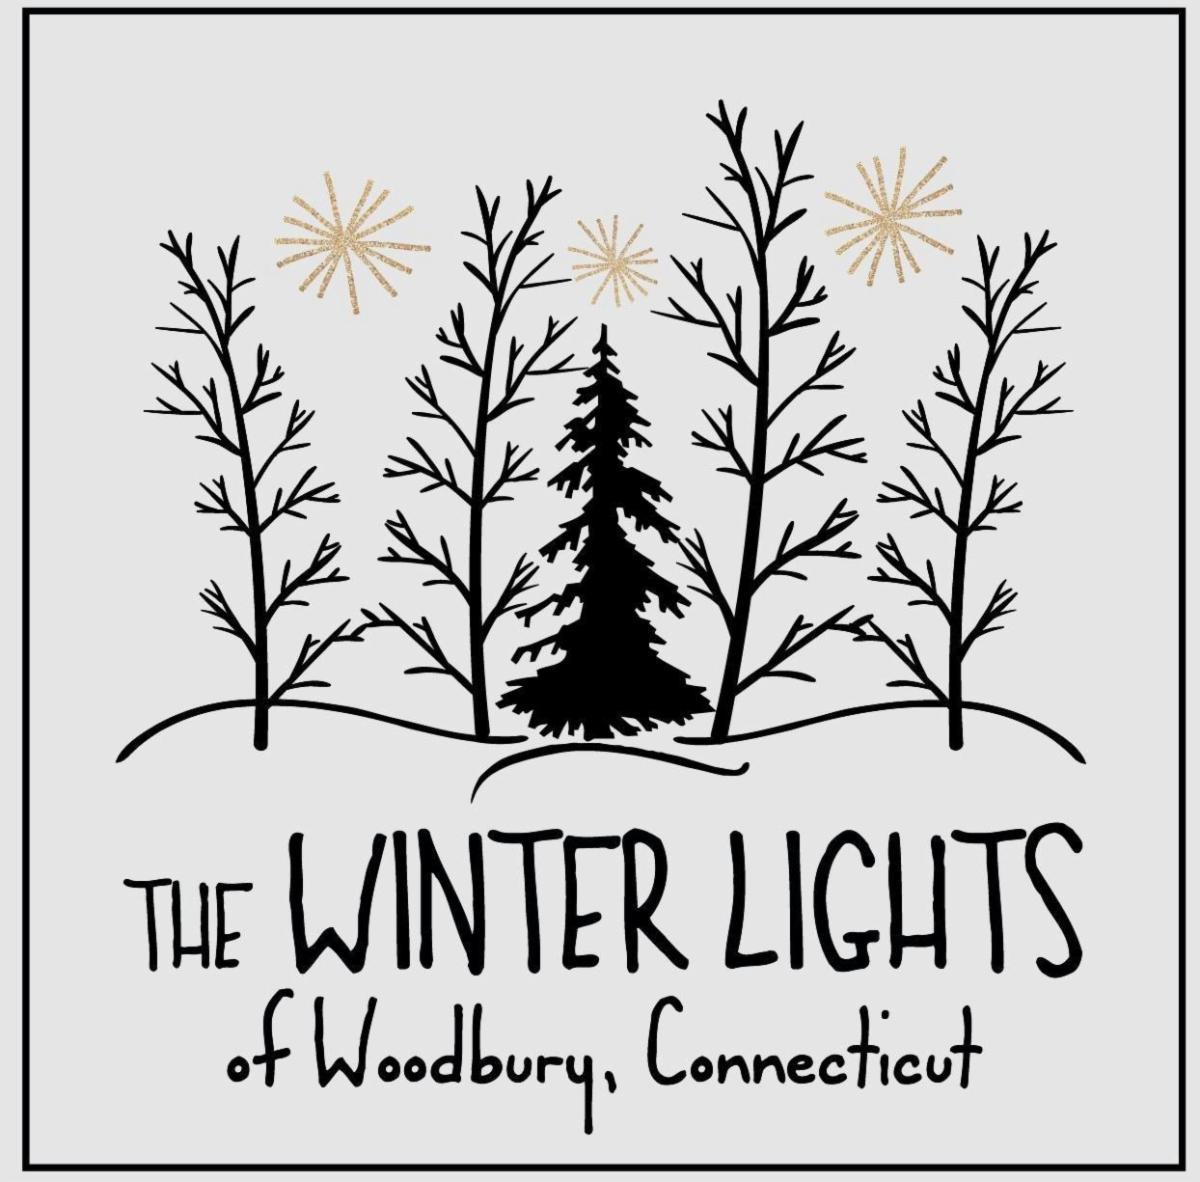 Winter LIghts Woodbury CT